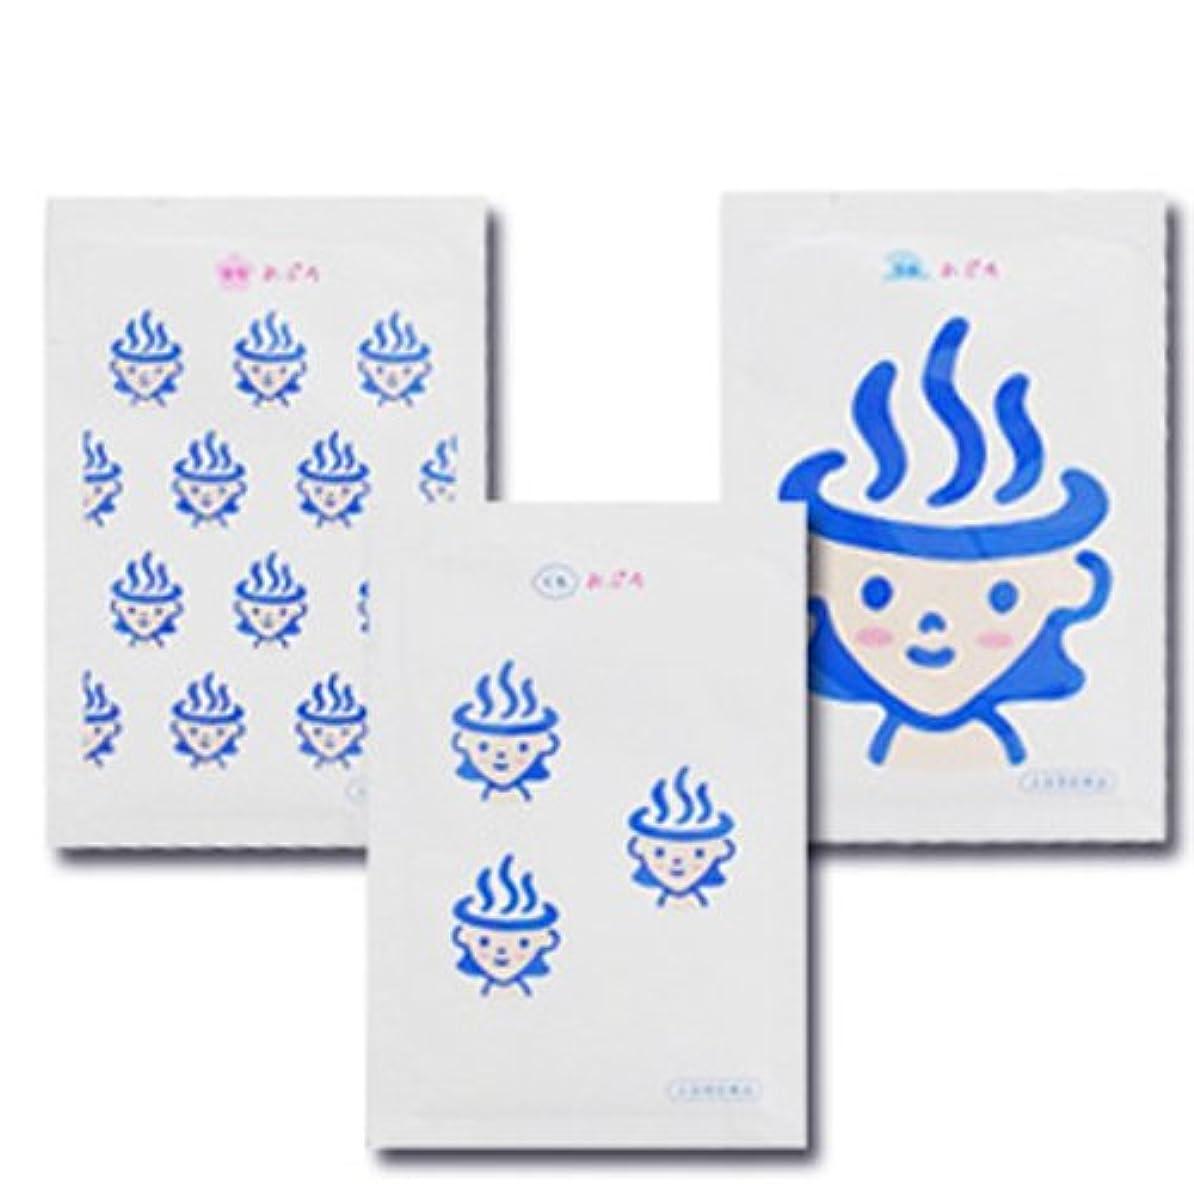 勤勉な処方髄お風呂サプリ おぷろ 3包入り(3種×1包)